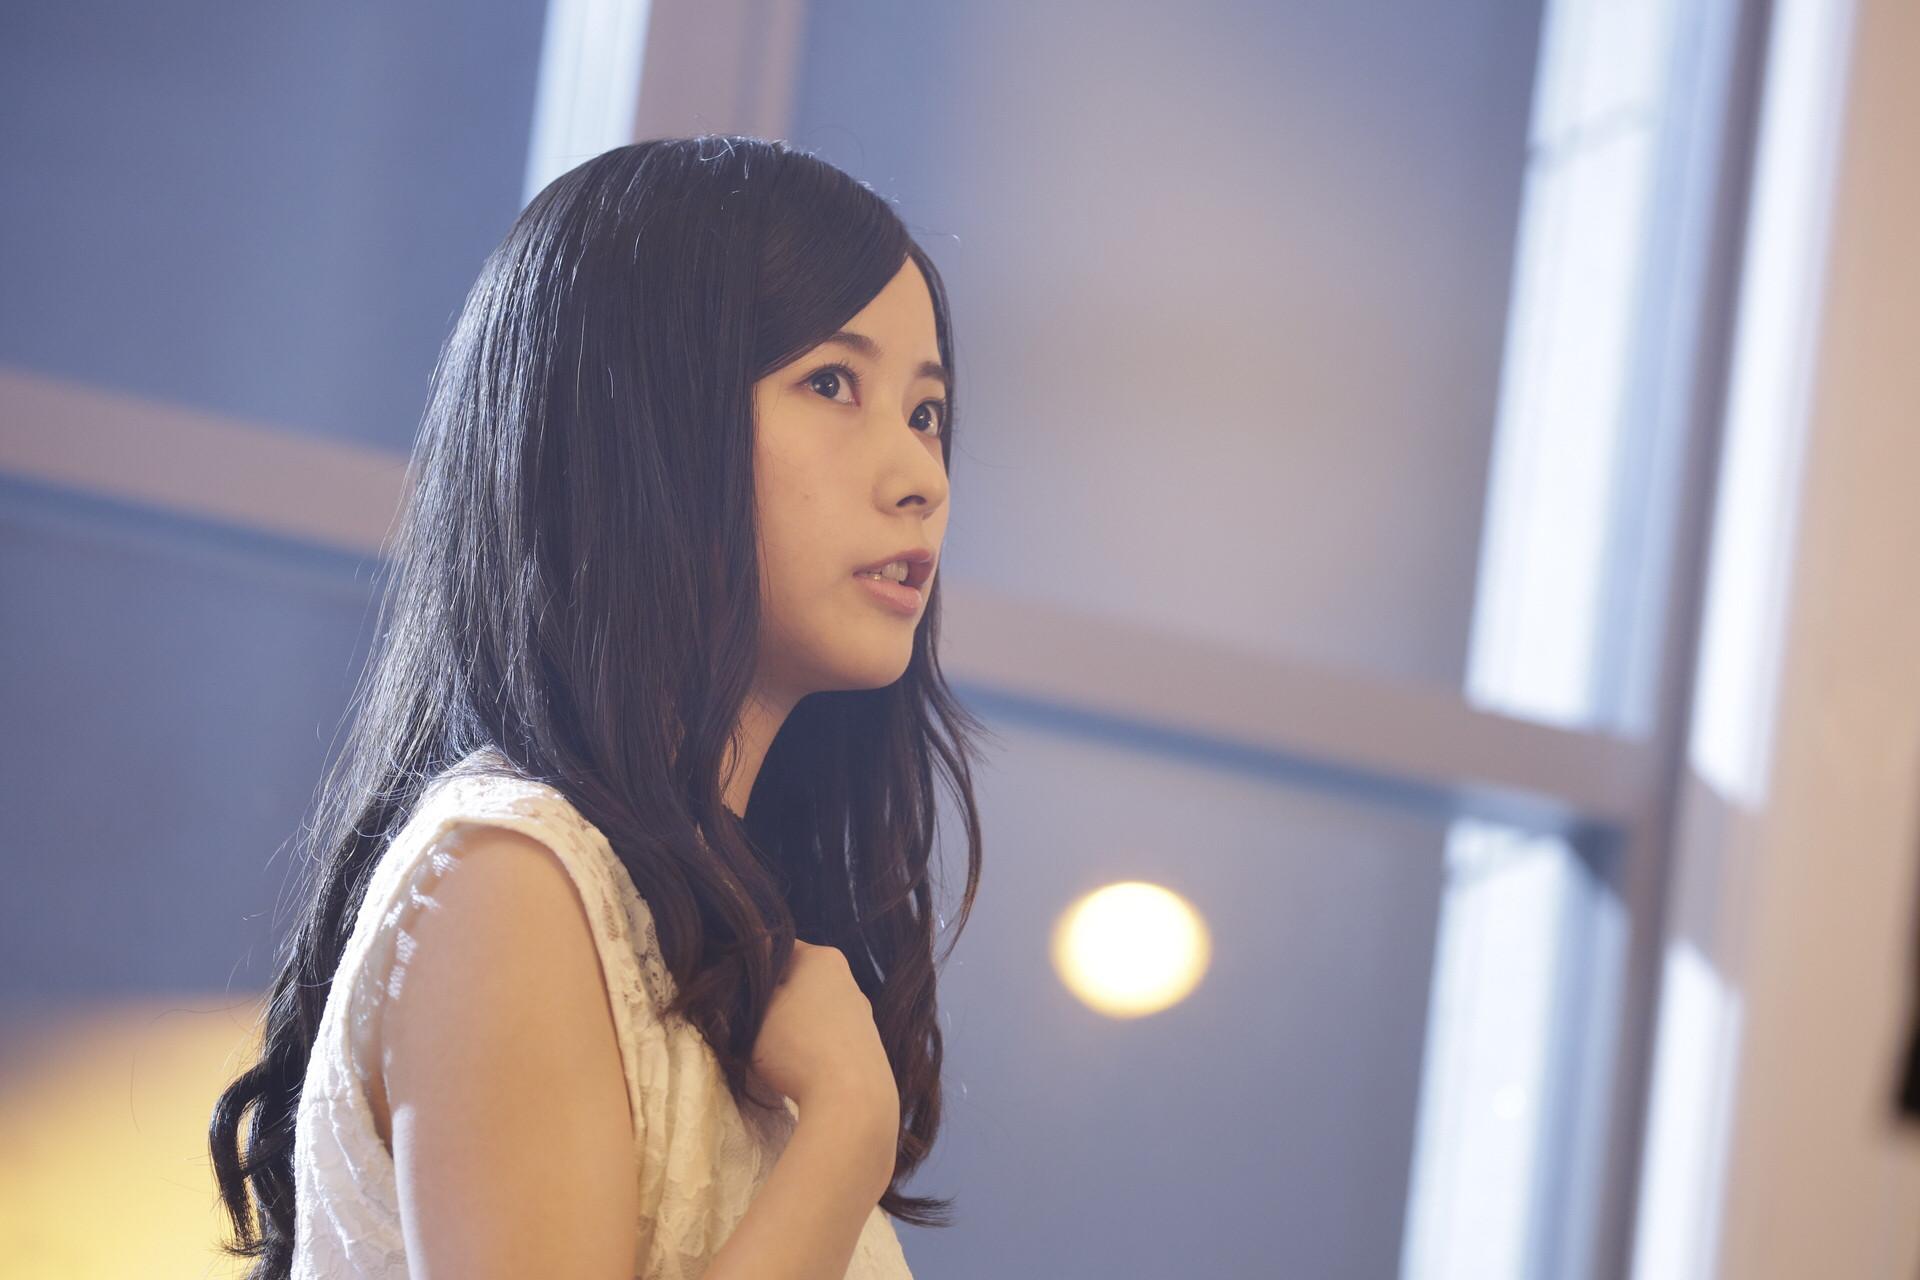 【謎】乃木坂46の人気最下位女の子